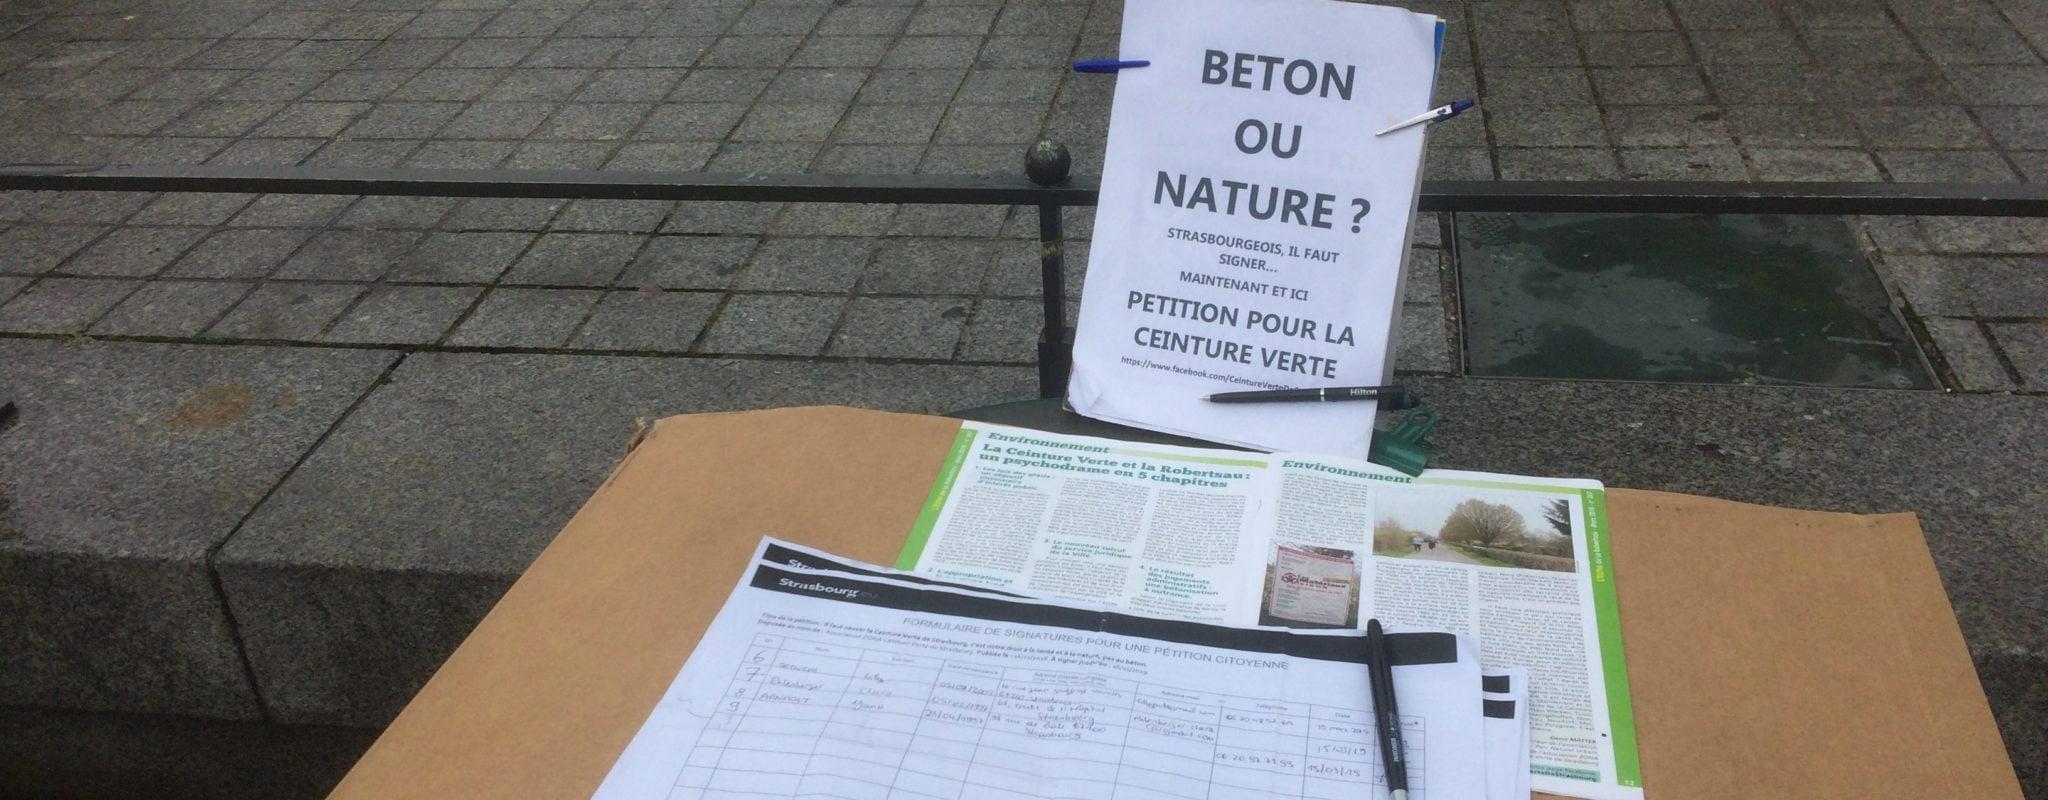 La formule de la première pétition à succès, pour la Ceinture verte